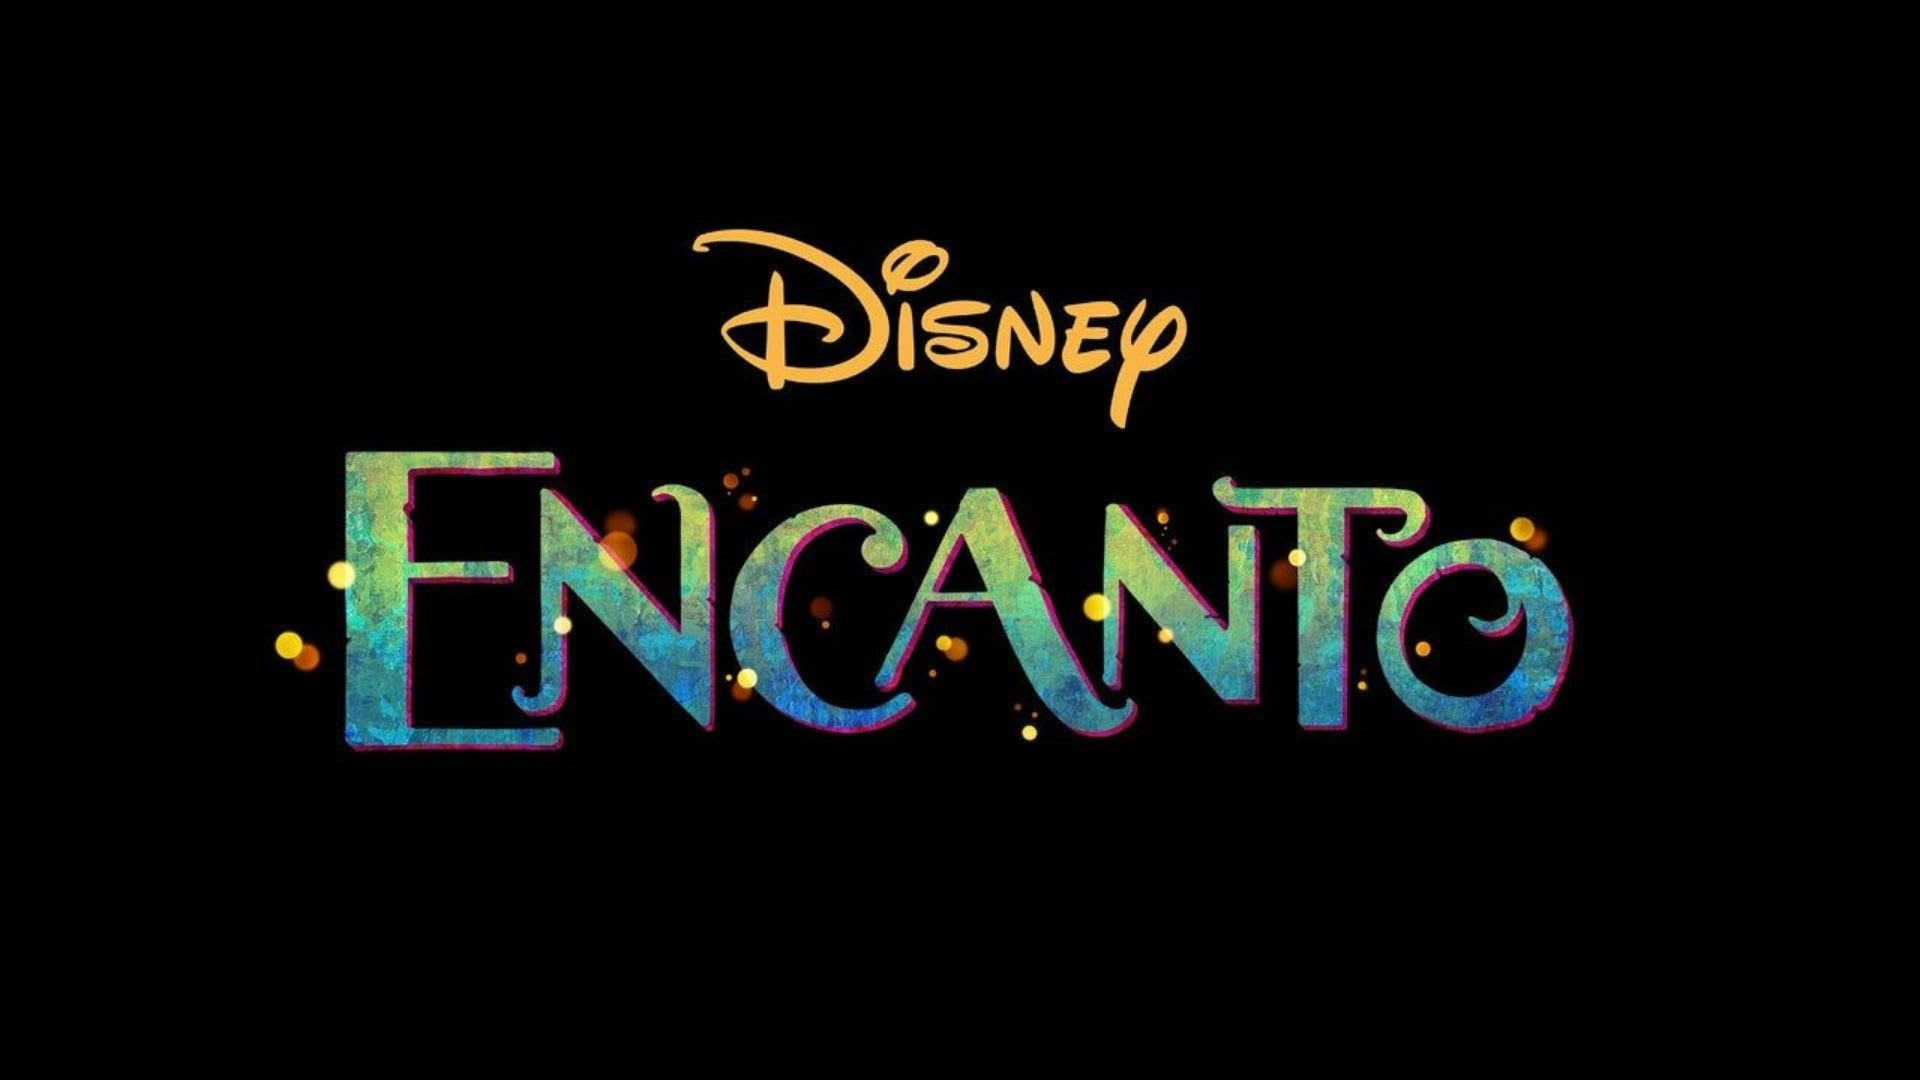 La nuova line-up Disney per il 2021